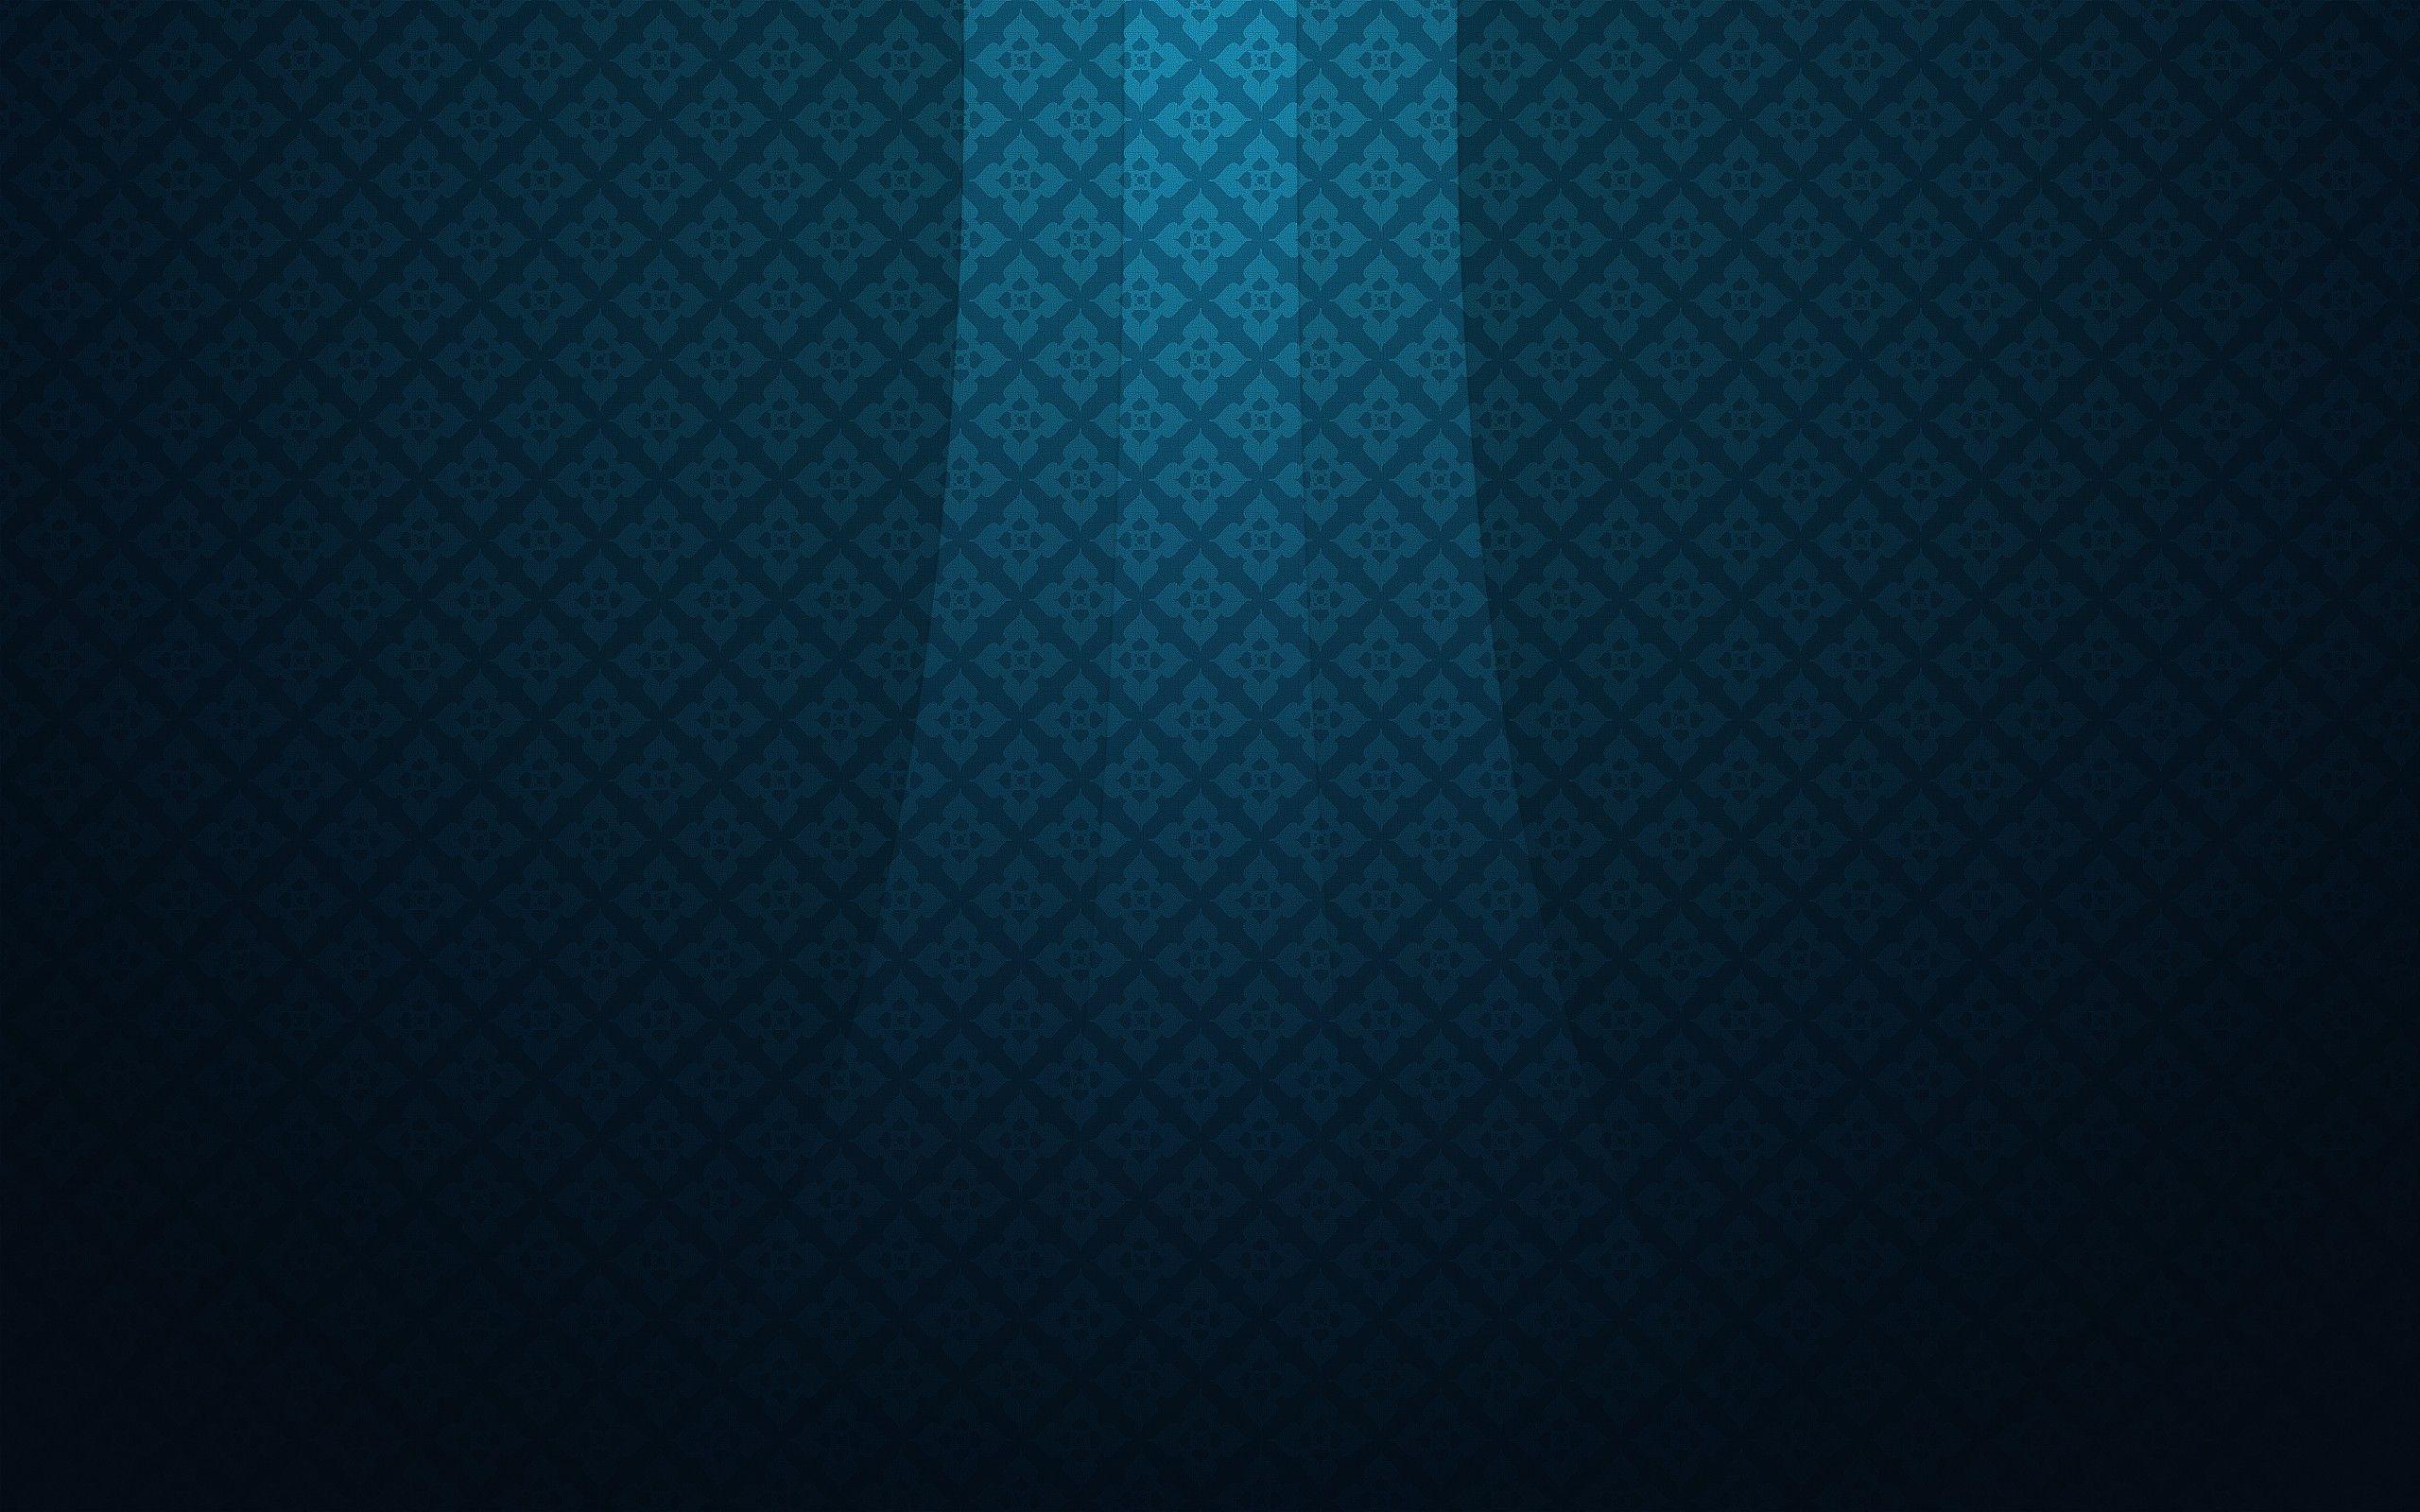 blue-minimalist-pattern-wallpapers_34073_2560x1600 2,560×1,600